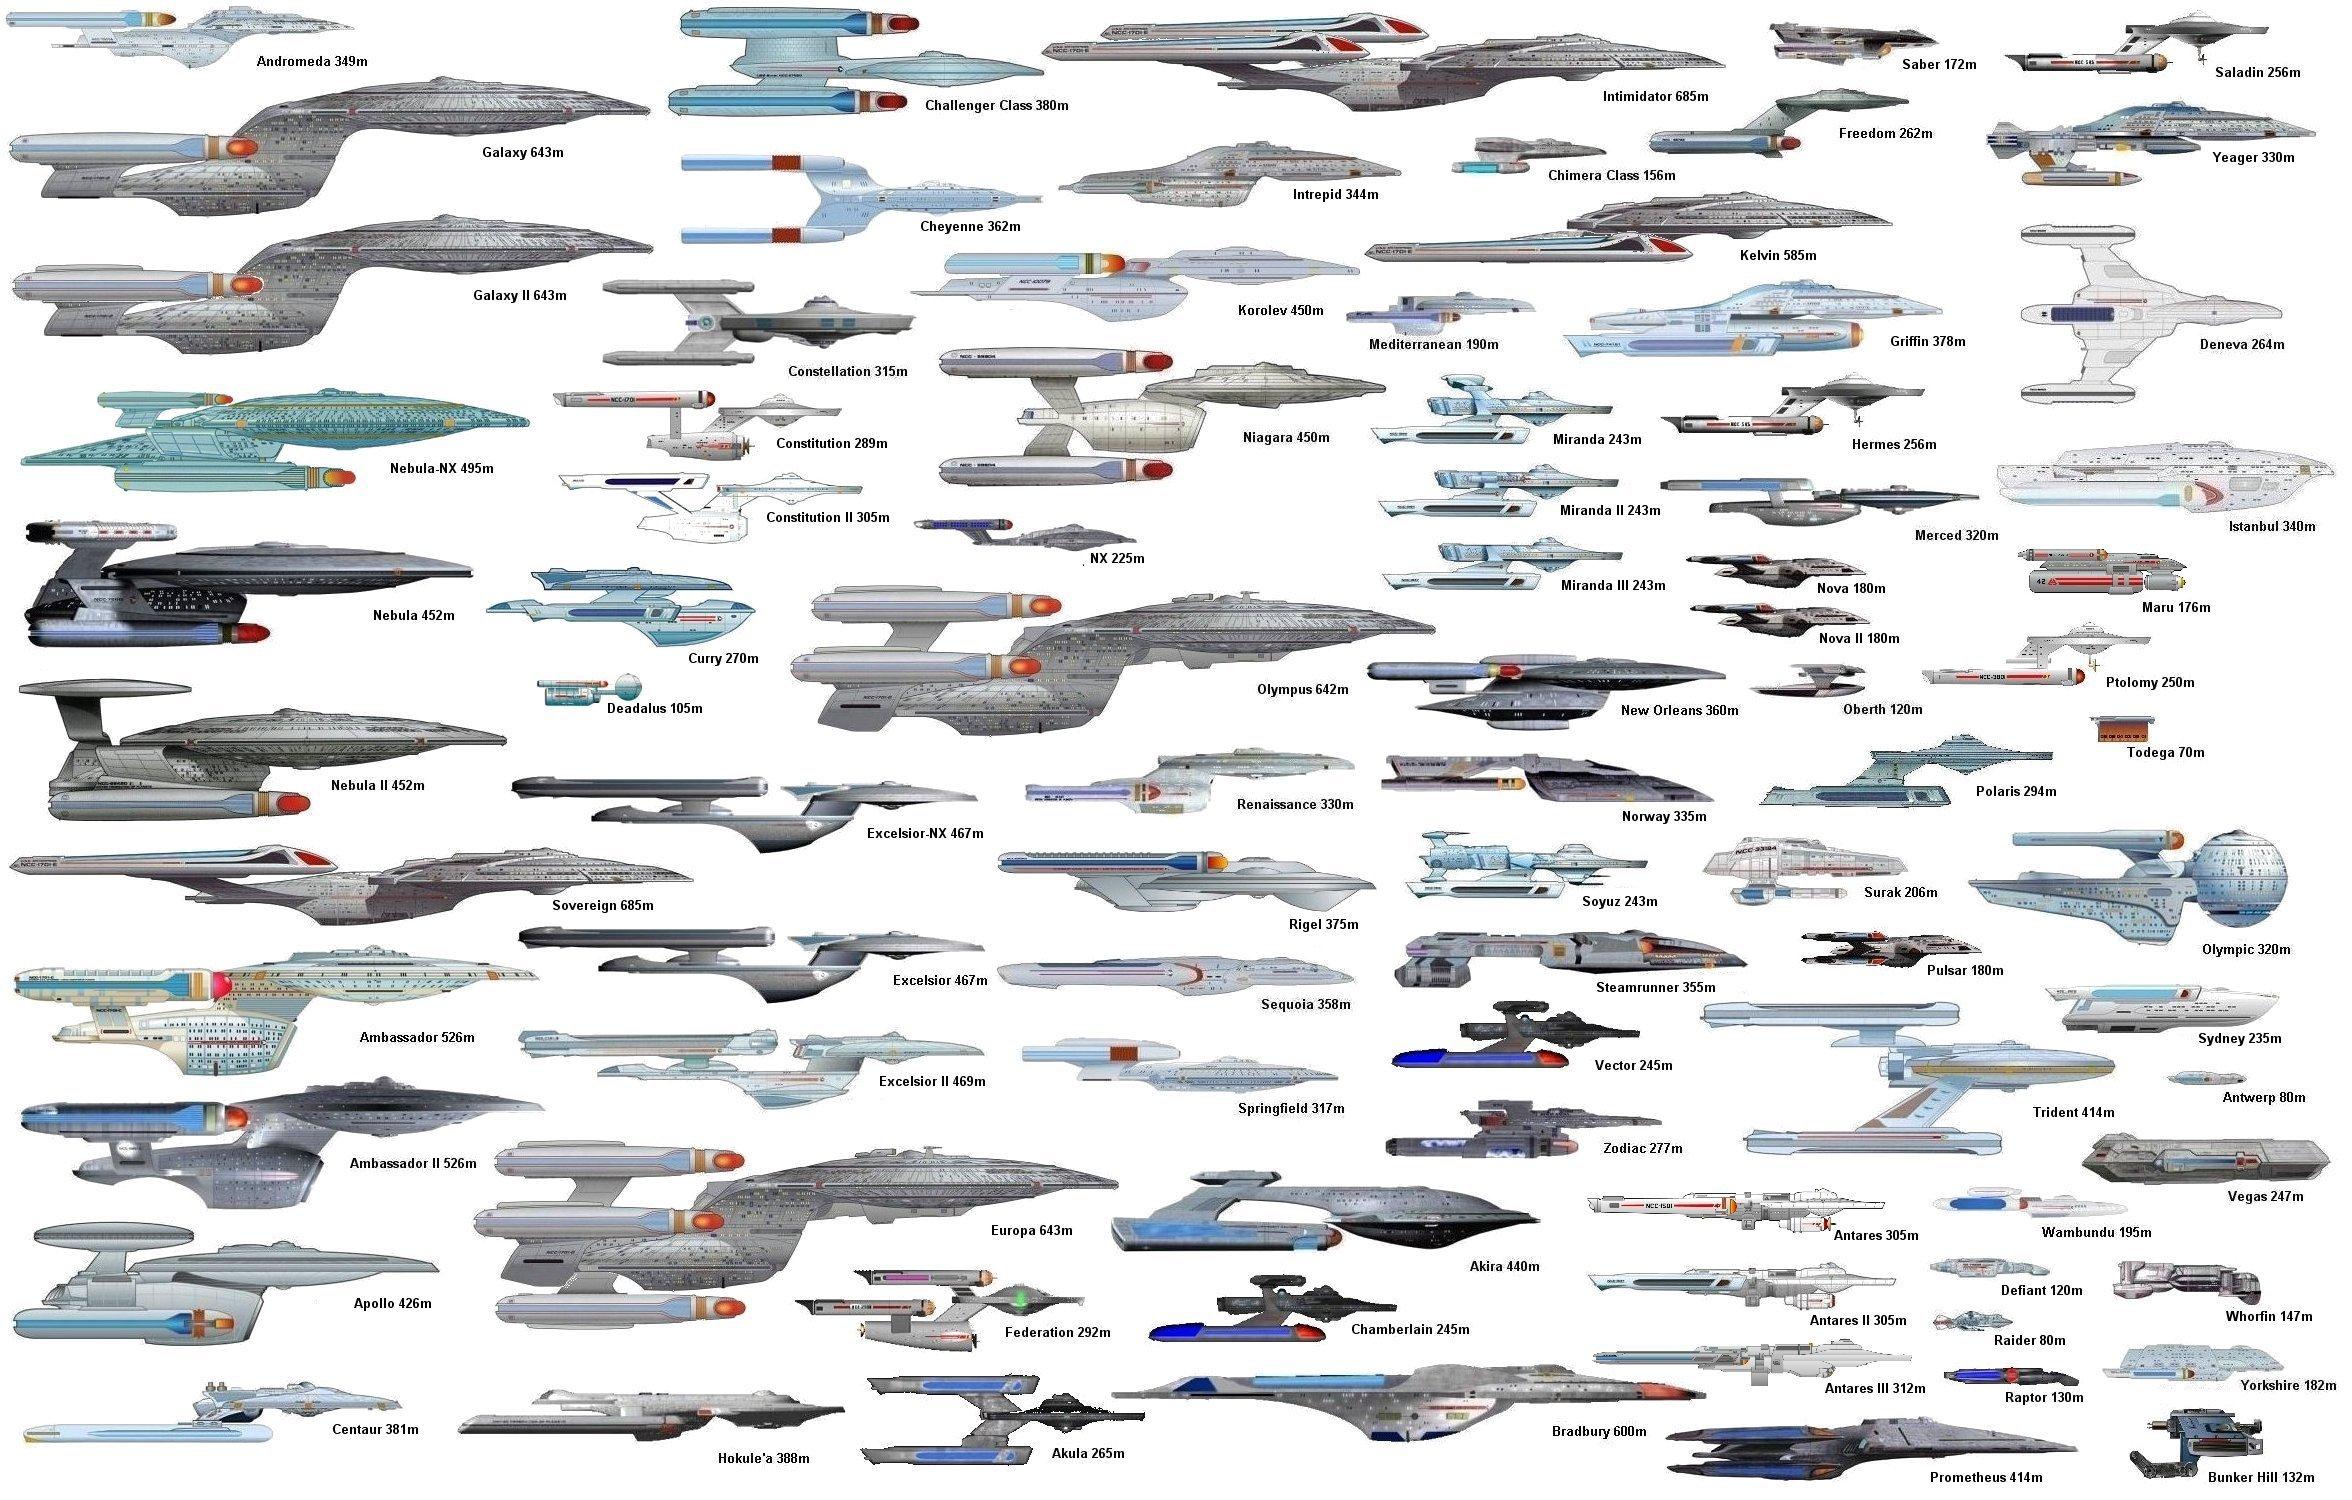 star scale comparison - photo #35